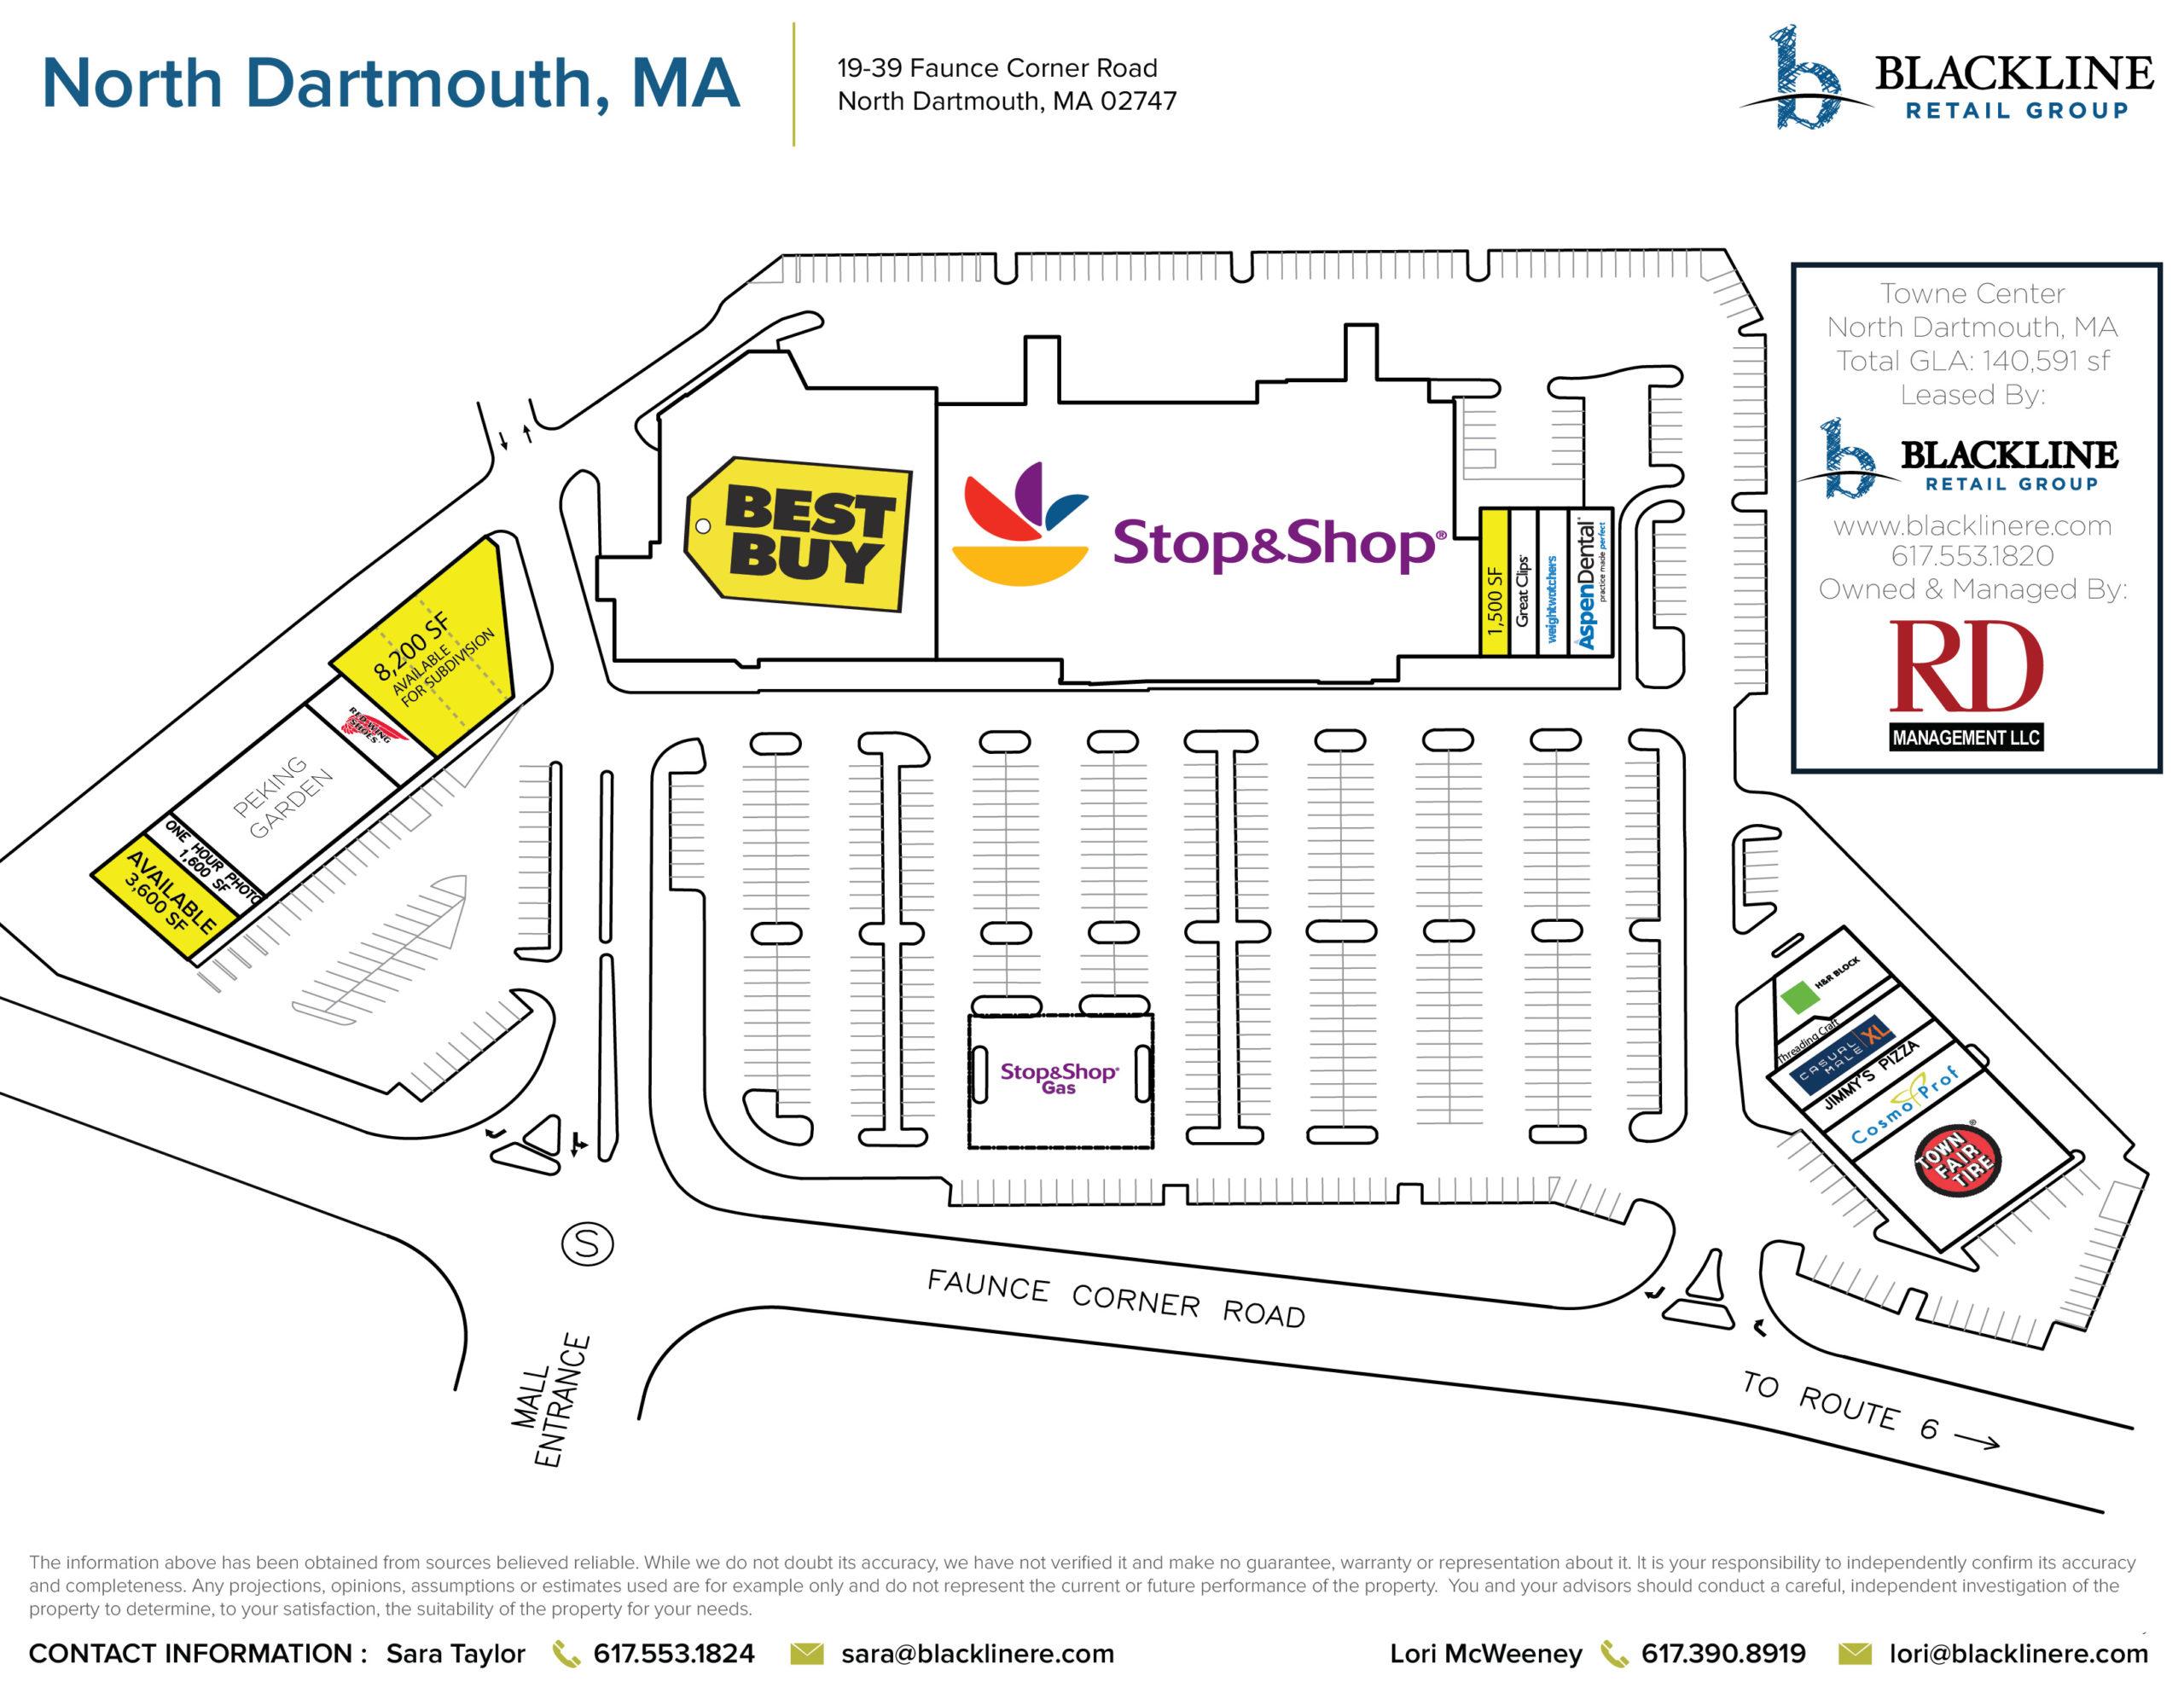 North Dartmouth, Ma Towne Center